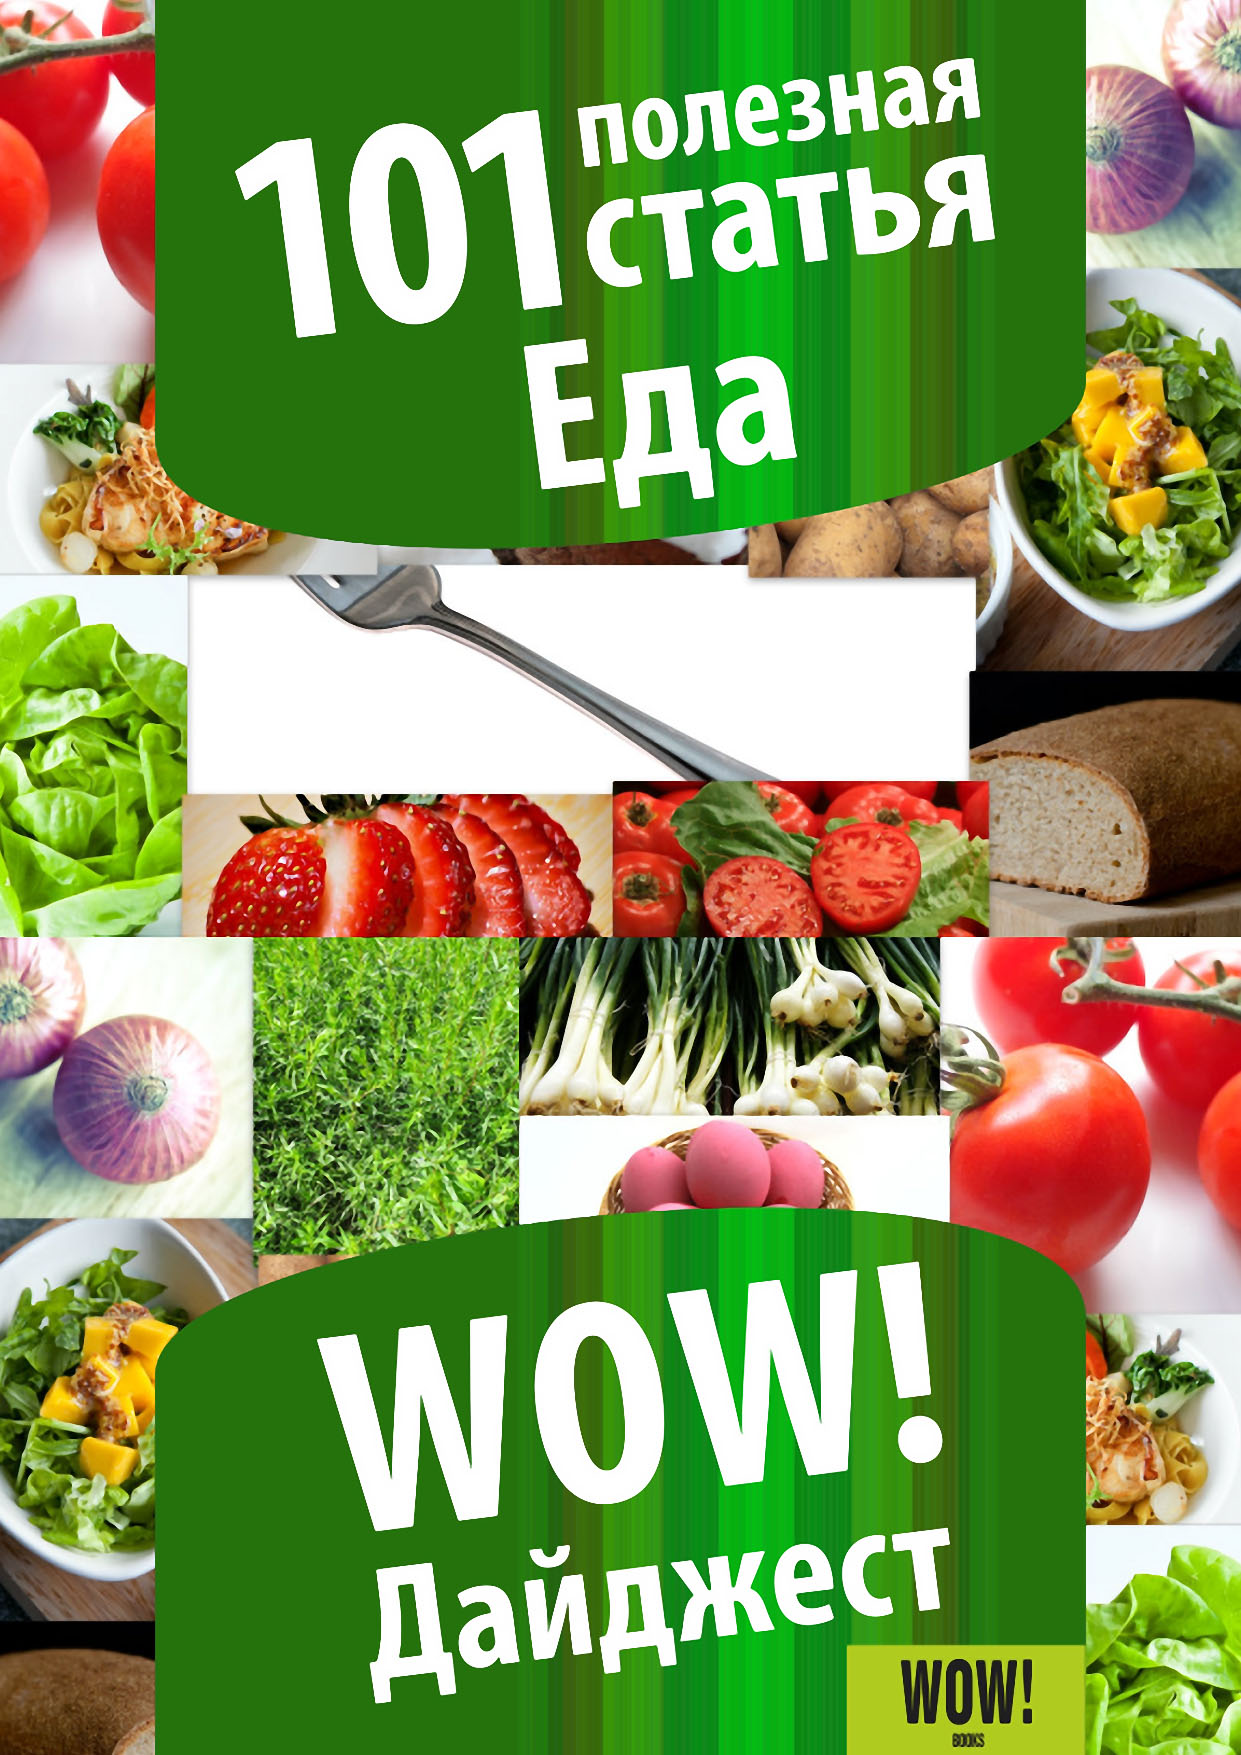 Отсутствует 101 полезная статья. Еда